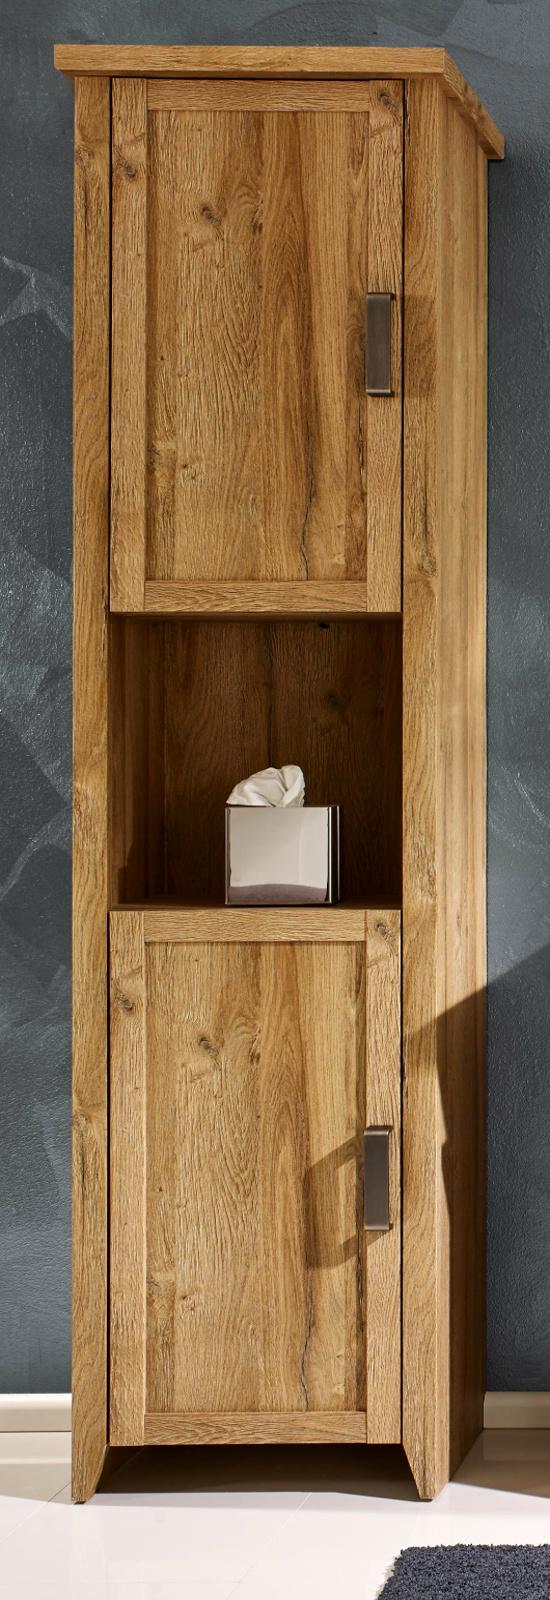 badschrank hochschrank bad m bel eiche alteiche badezimmer standschrank canyon ebay. Black Bedroom Furniture Sets. Home Design Ideas